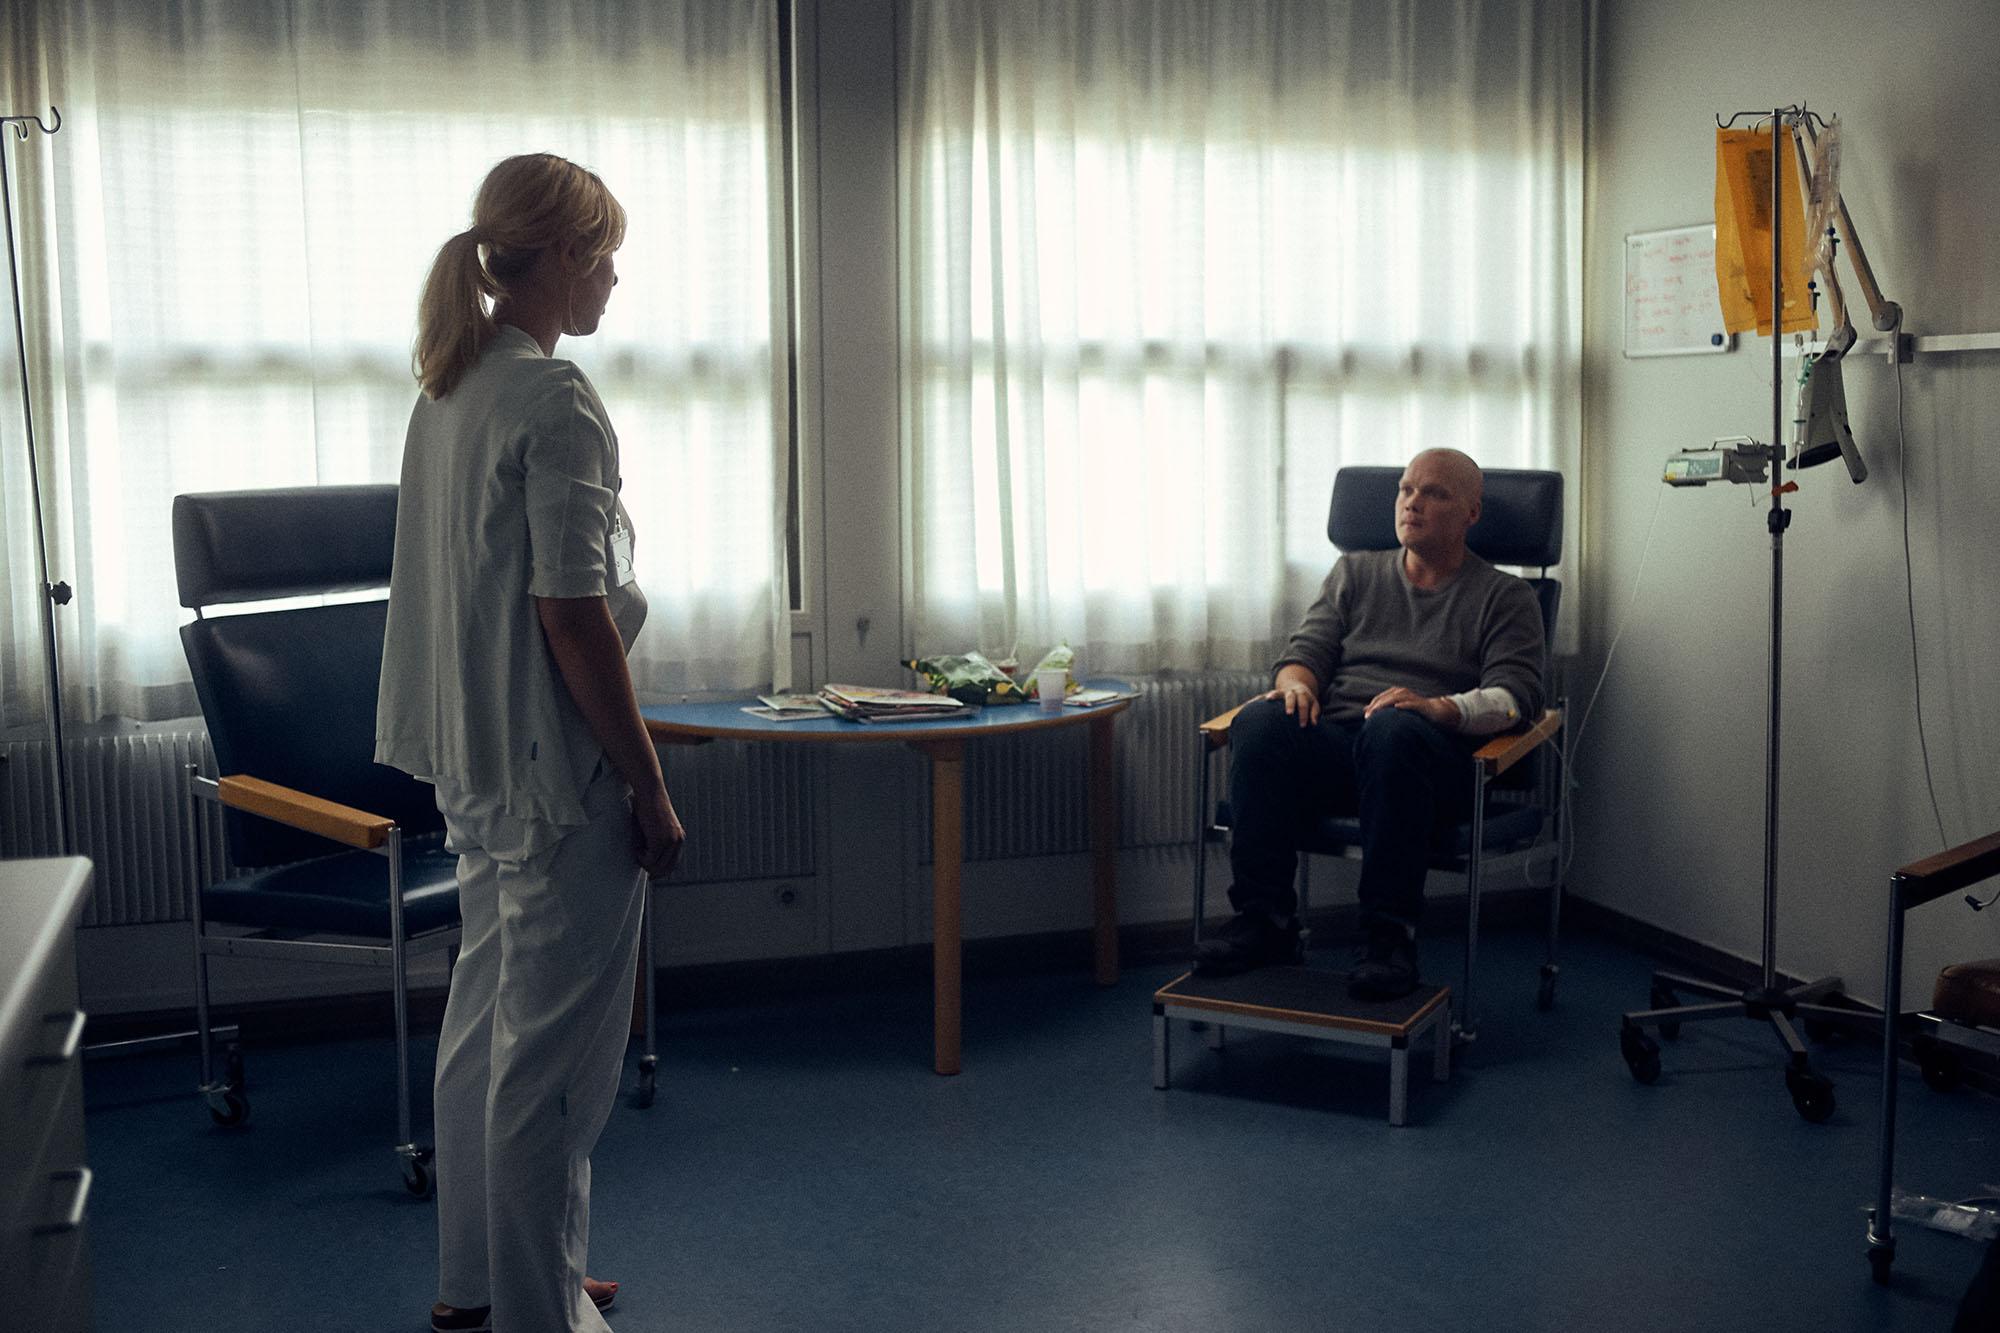 Kemohjerne_FilmStills_Episode_4_L1001954